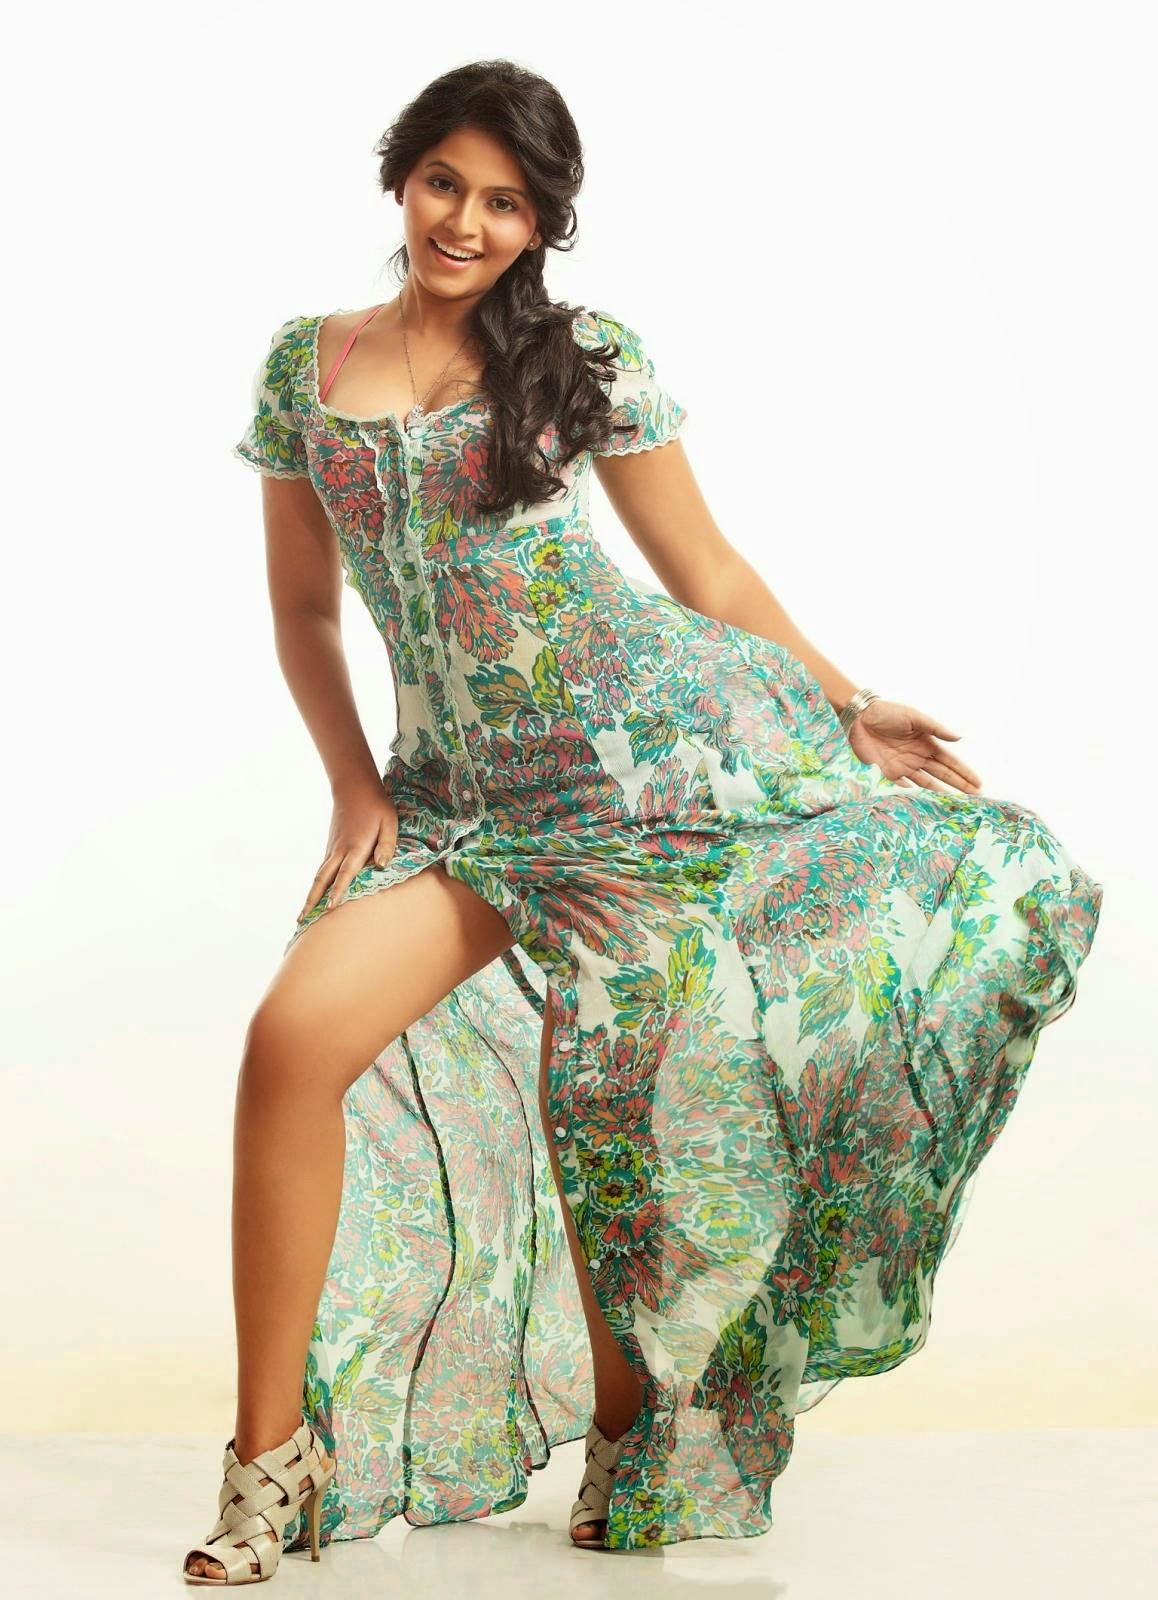 hot Actress anjali